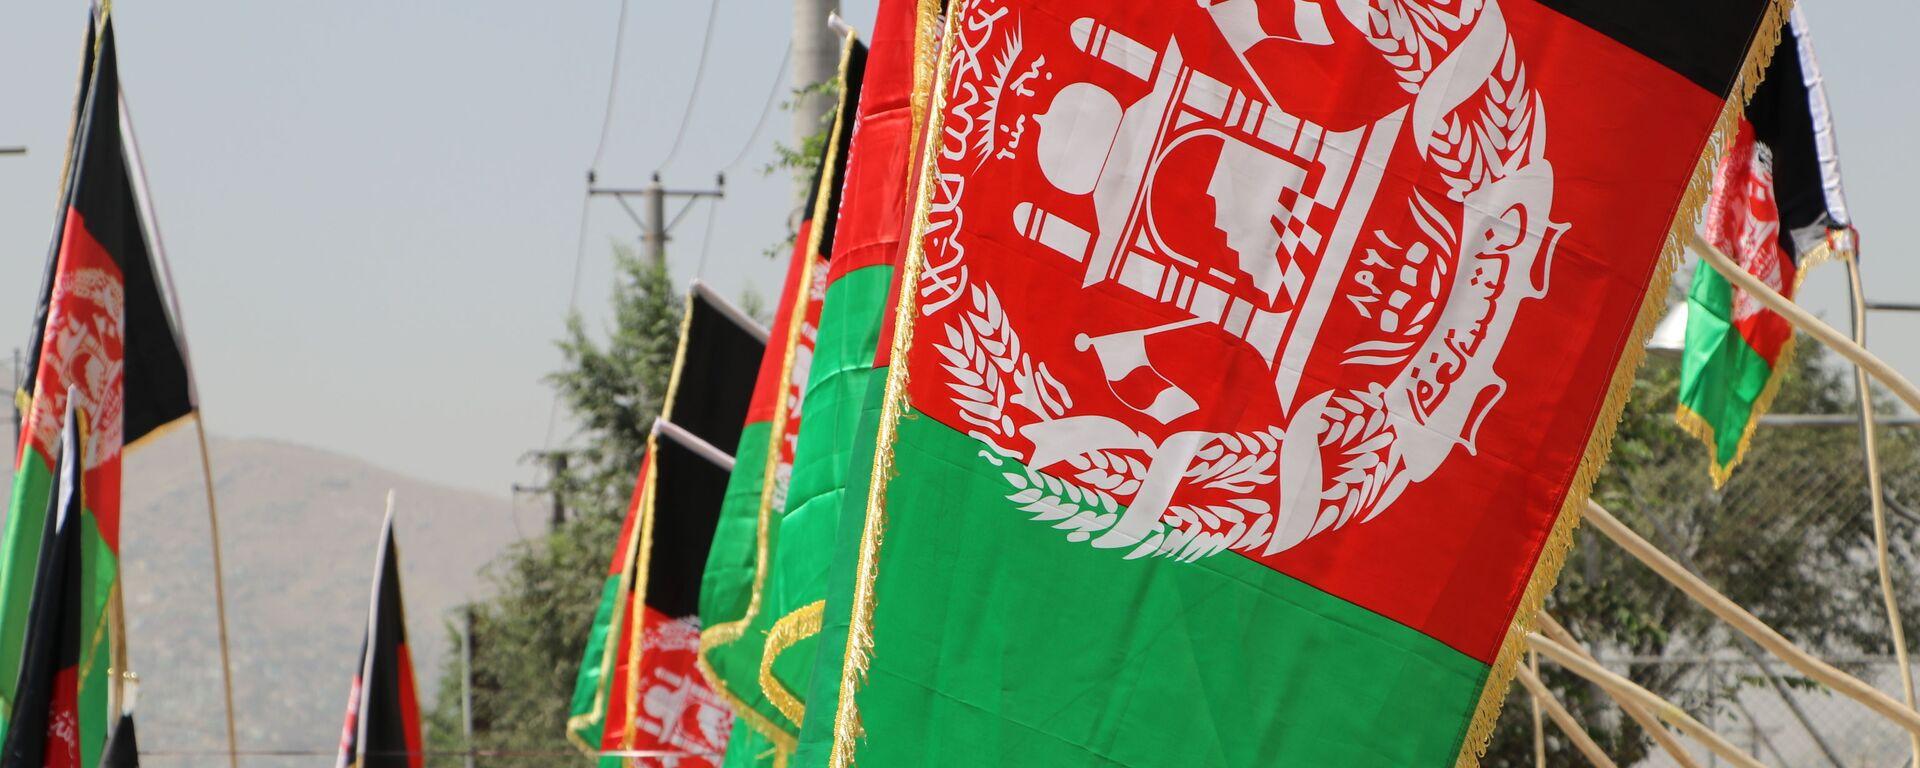 Празднование дня независимости в Кабуле  - Sputnik Тоҷикистон, 1920, 28.09.2021